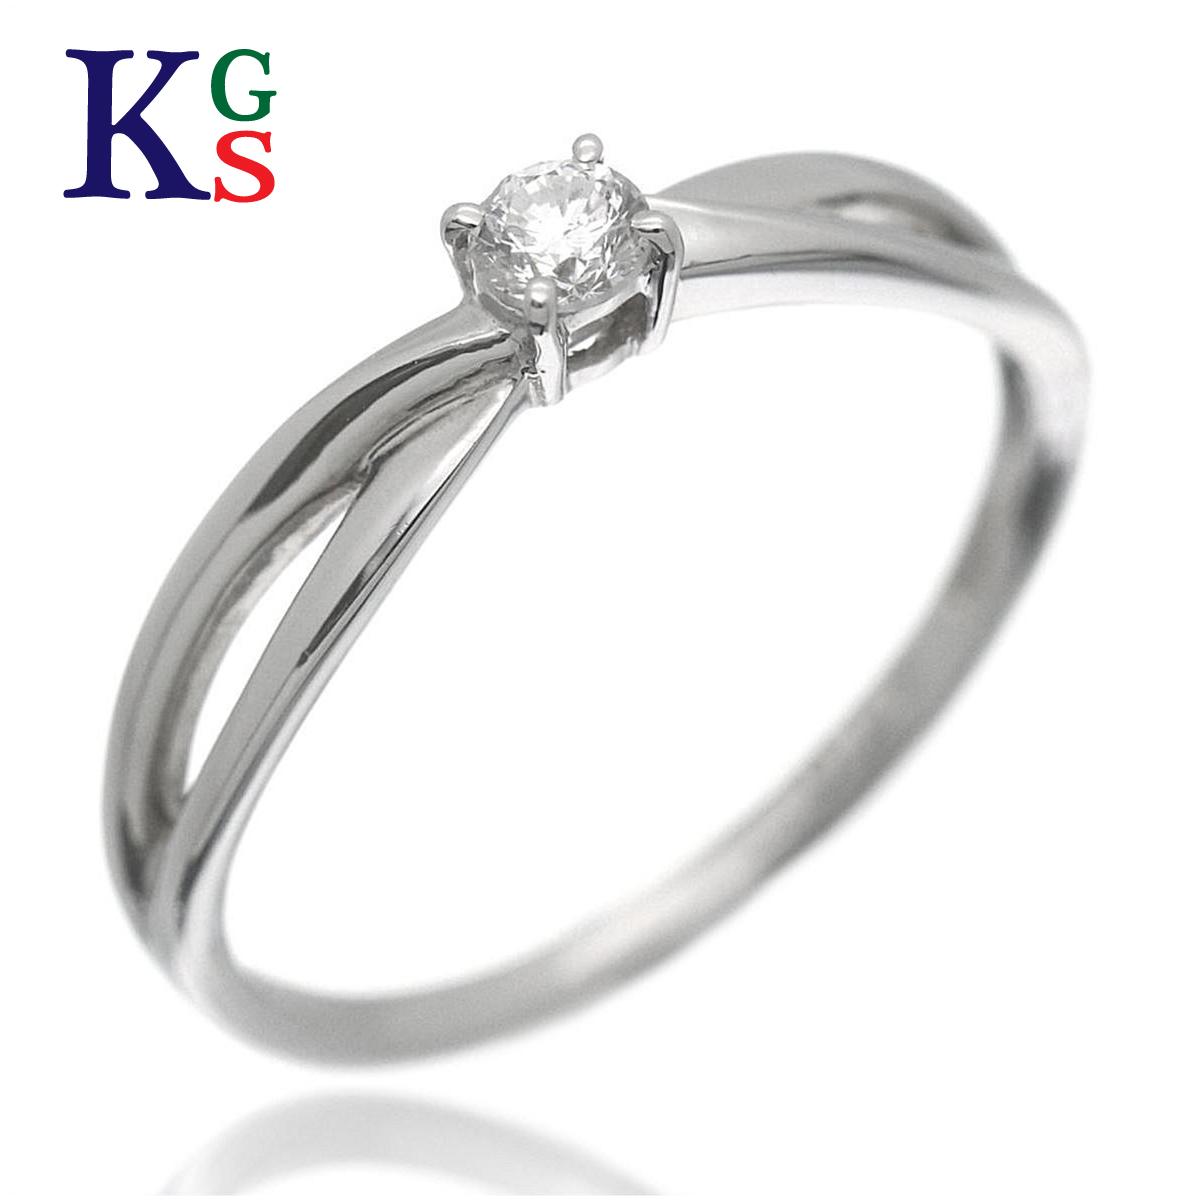 【ギフト品質】【名入れ】【0.12ct】エル/ELLE レディース エンゲージリング 婚約指輪 1Pダイヤ Pt950 プラチナ